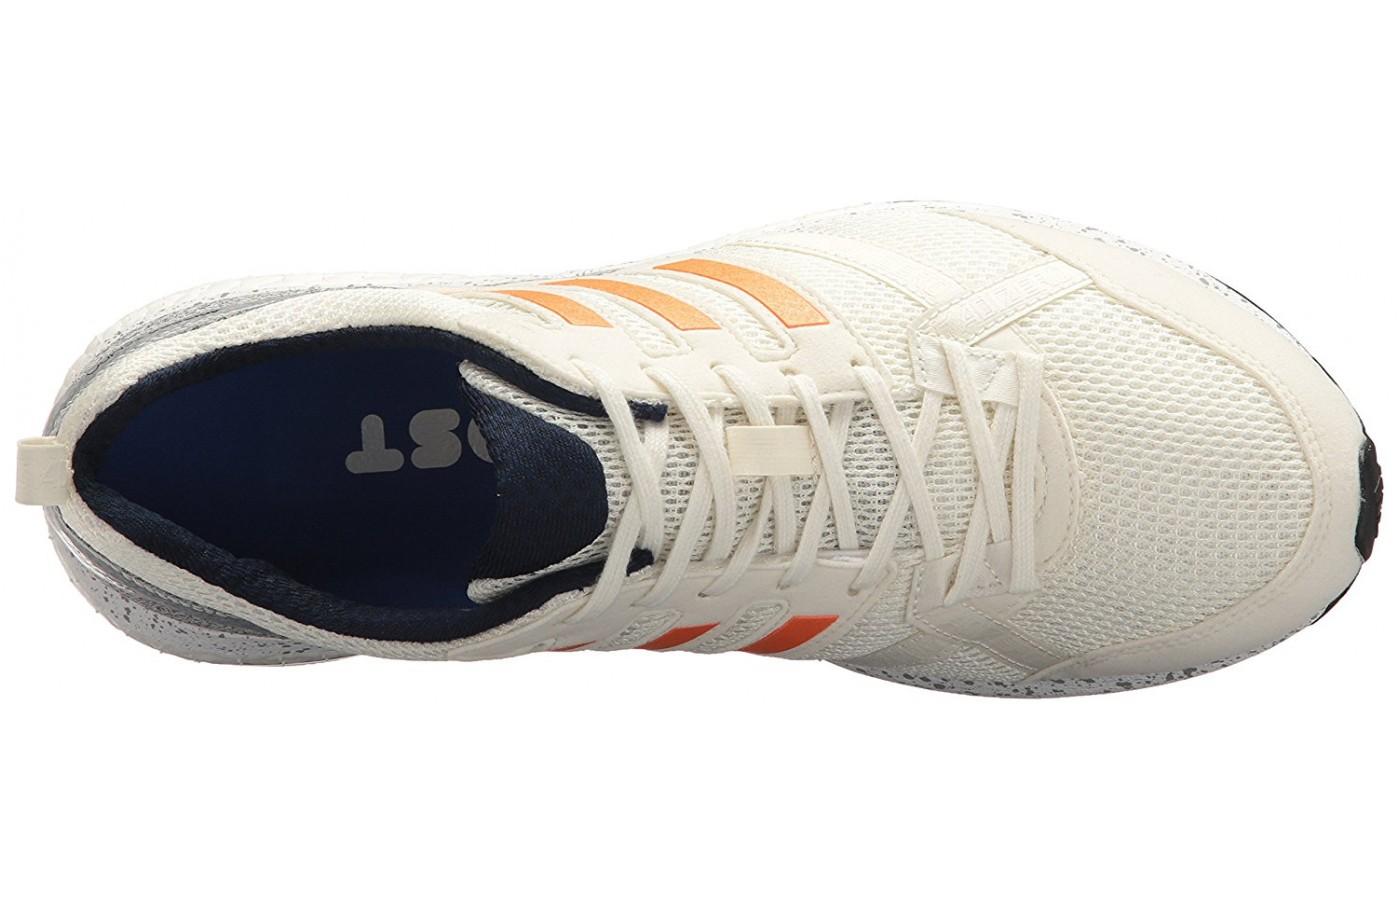 Adidas Adizero Tempo 8 upper